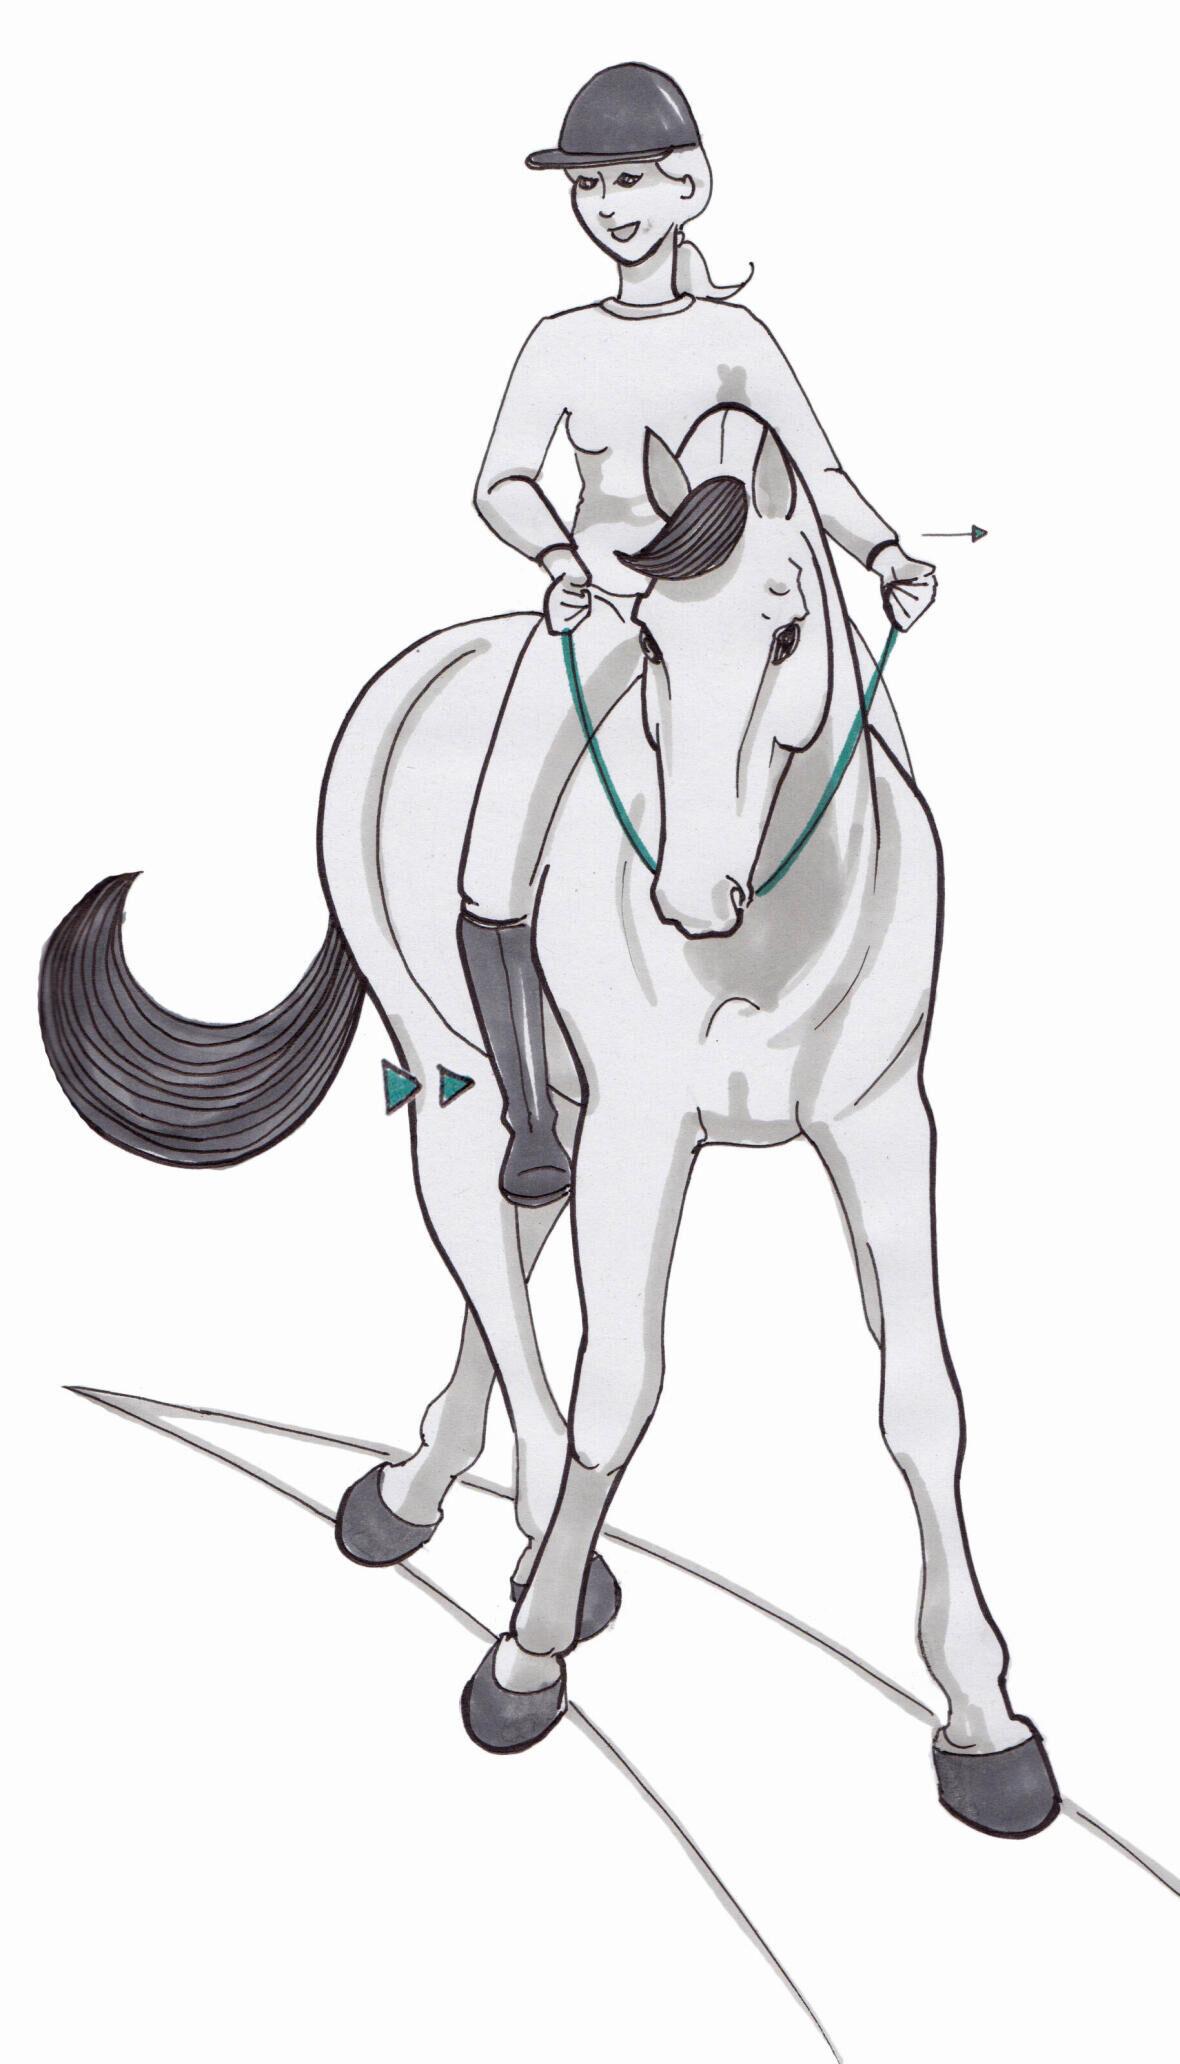 Je paard in balans brengen op de cirkel